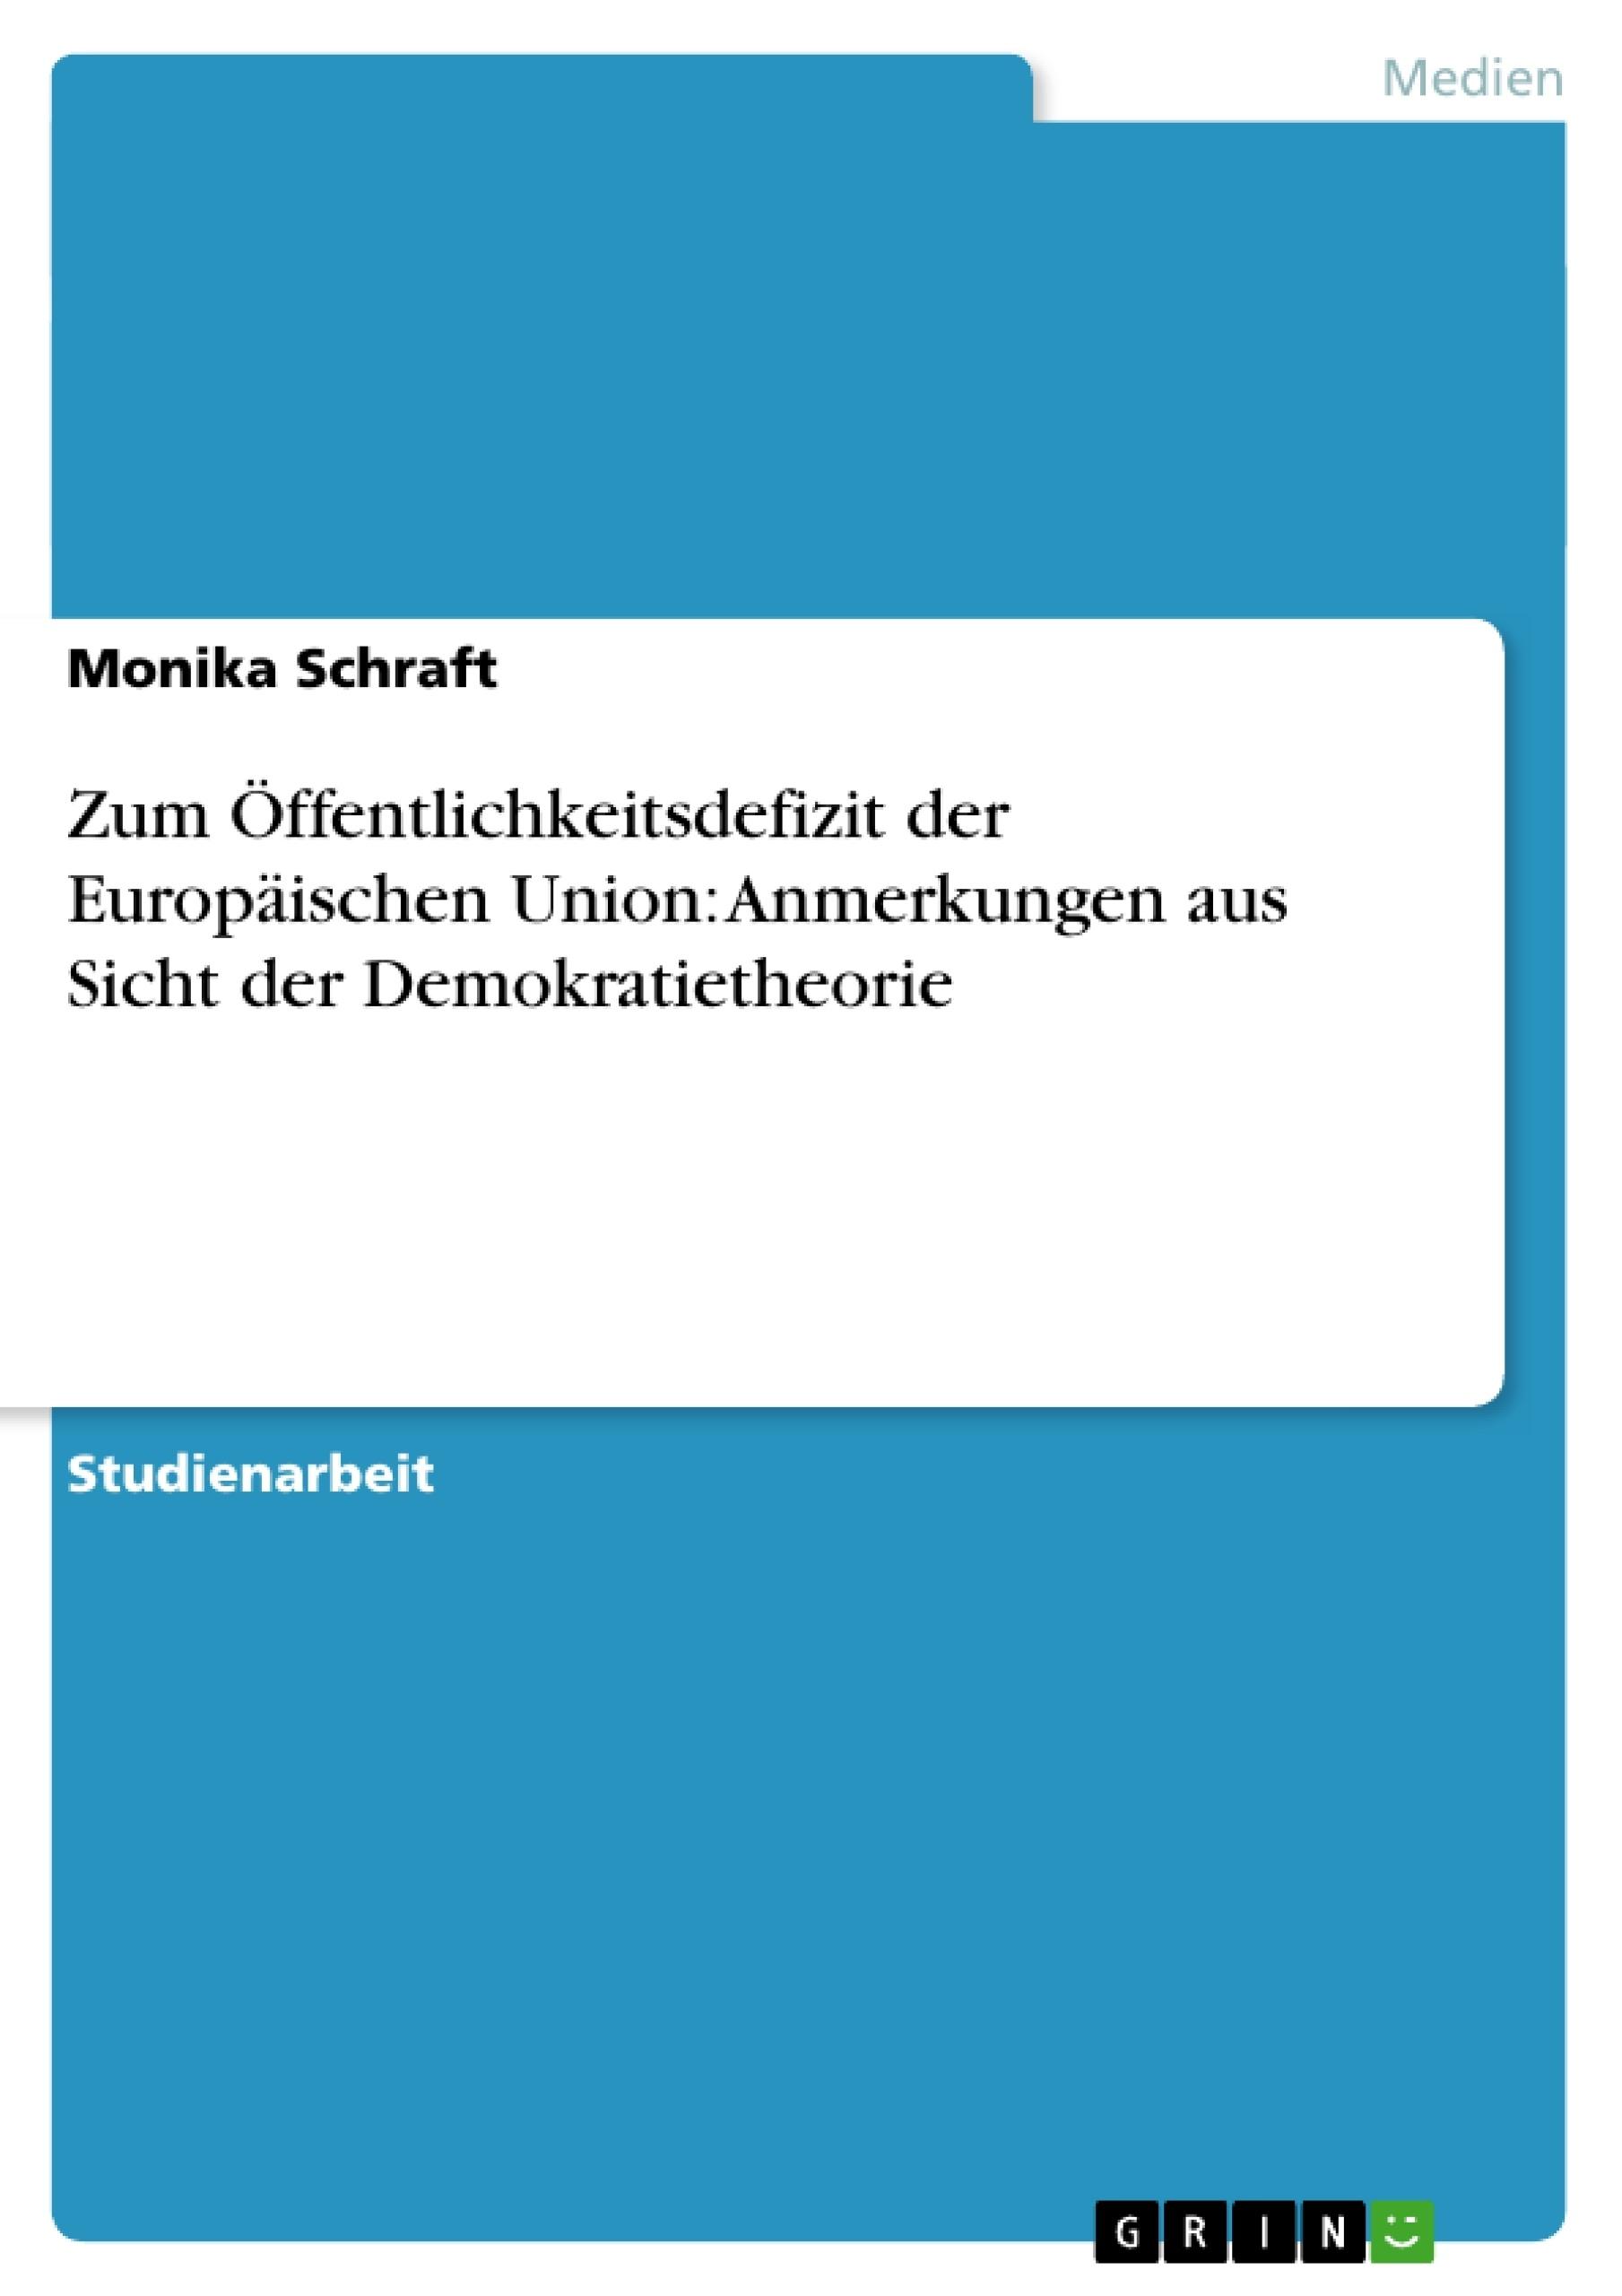 Titel: Zum Öffentlichkeitsdefizit der Europäischen Union: Anmerkungen aus Sicht der Demokratietheorie